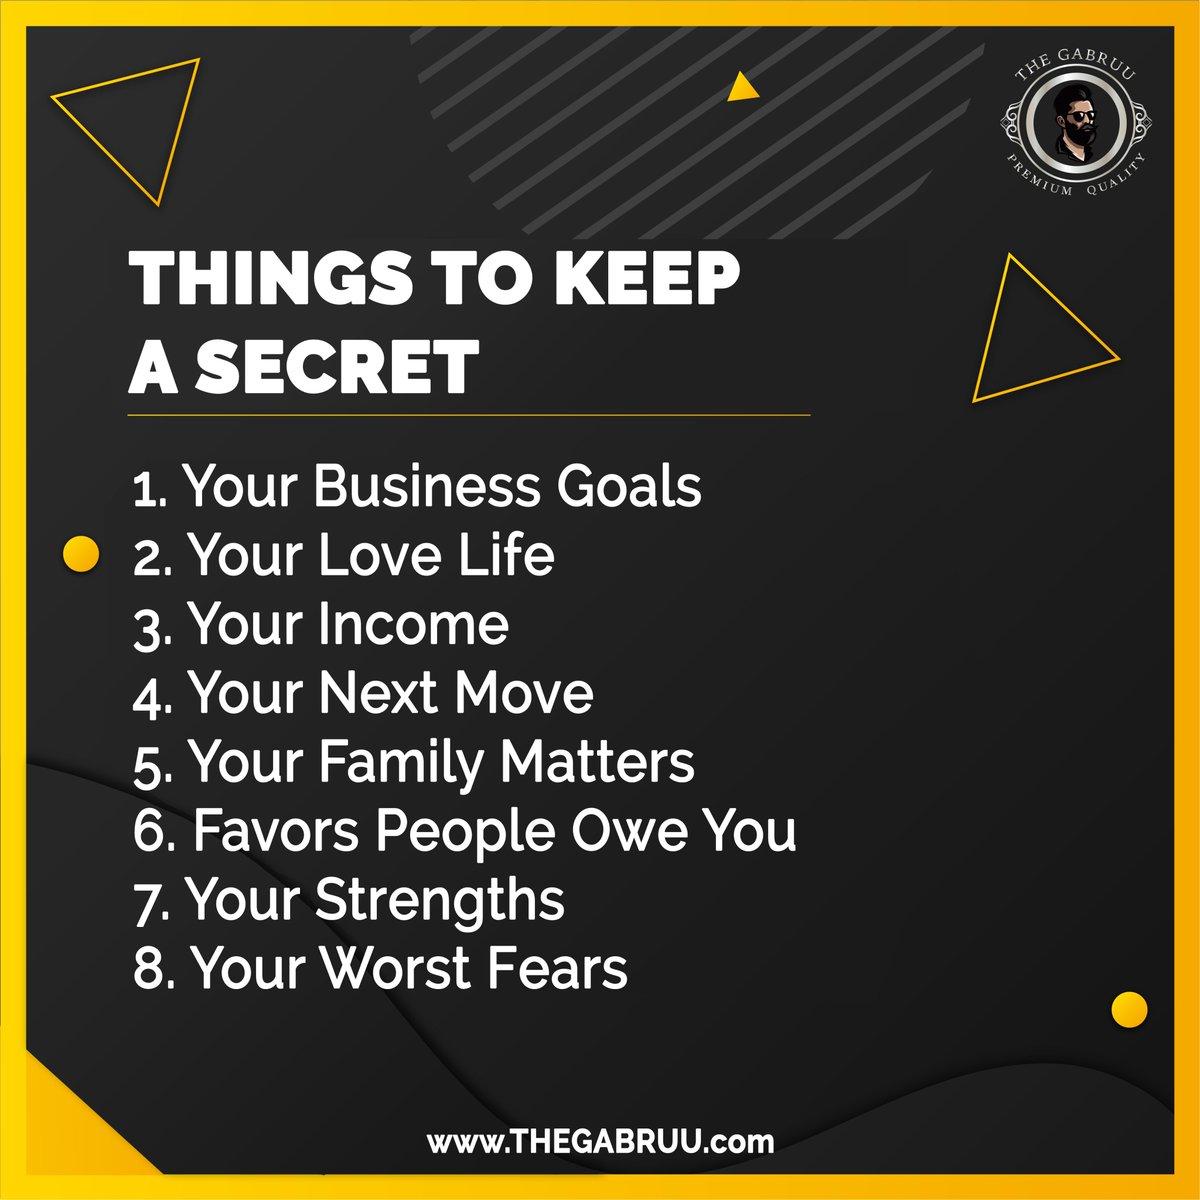 #deepthoughts #deepthinking #thinking #thinkers #deepthought #maturity #deepfeelings #deepquotes #lifequotes4u #selfrespectquotes #mindsetcreator #entrepreneurmindset #millionairemind #successhabits #successmindset #richdadpoordad #mindsetiseverything #thinkbig #mindsetofgreatnespic.twitter.com/ztIGw1mxCg